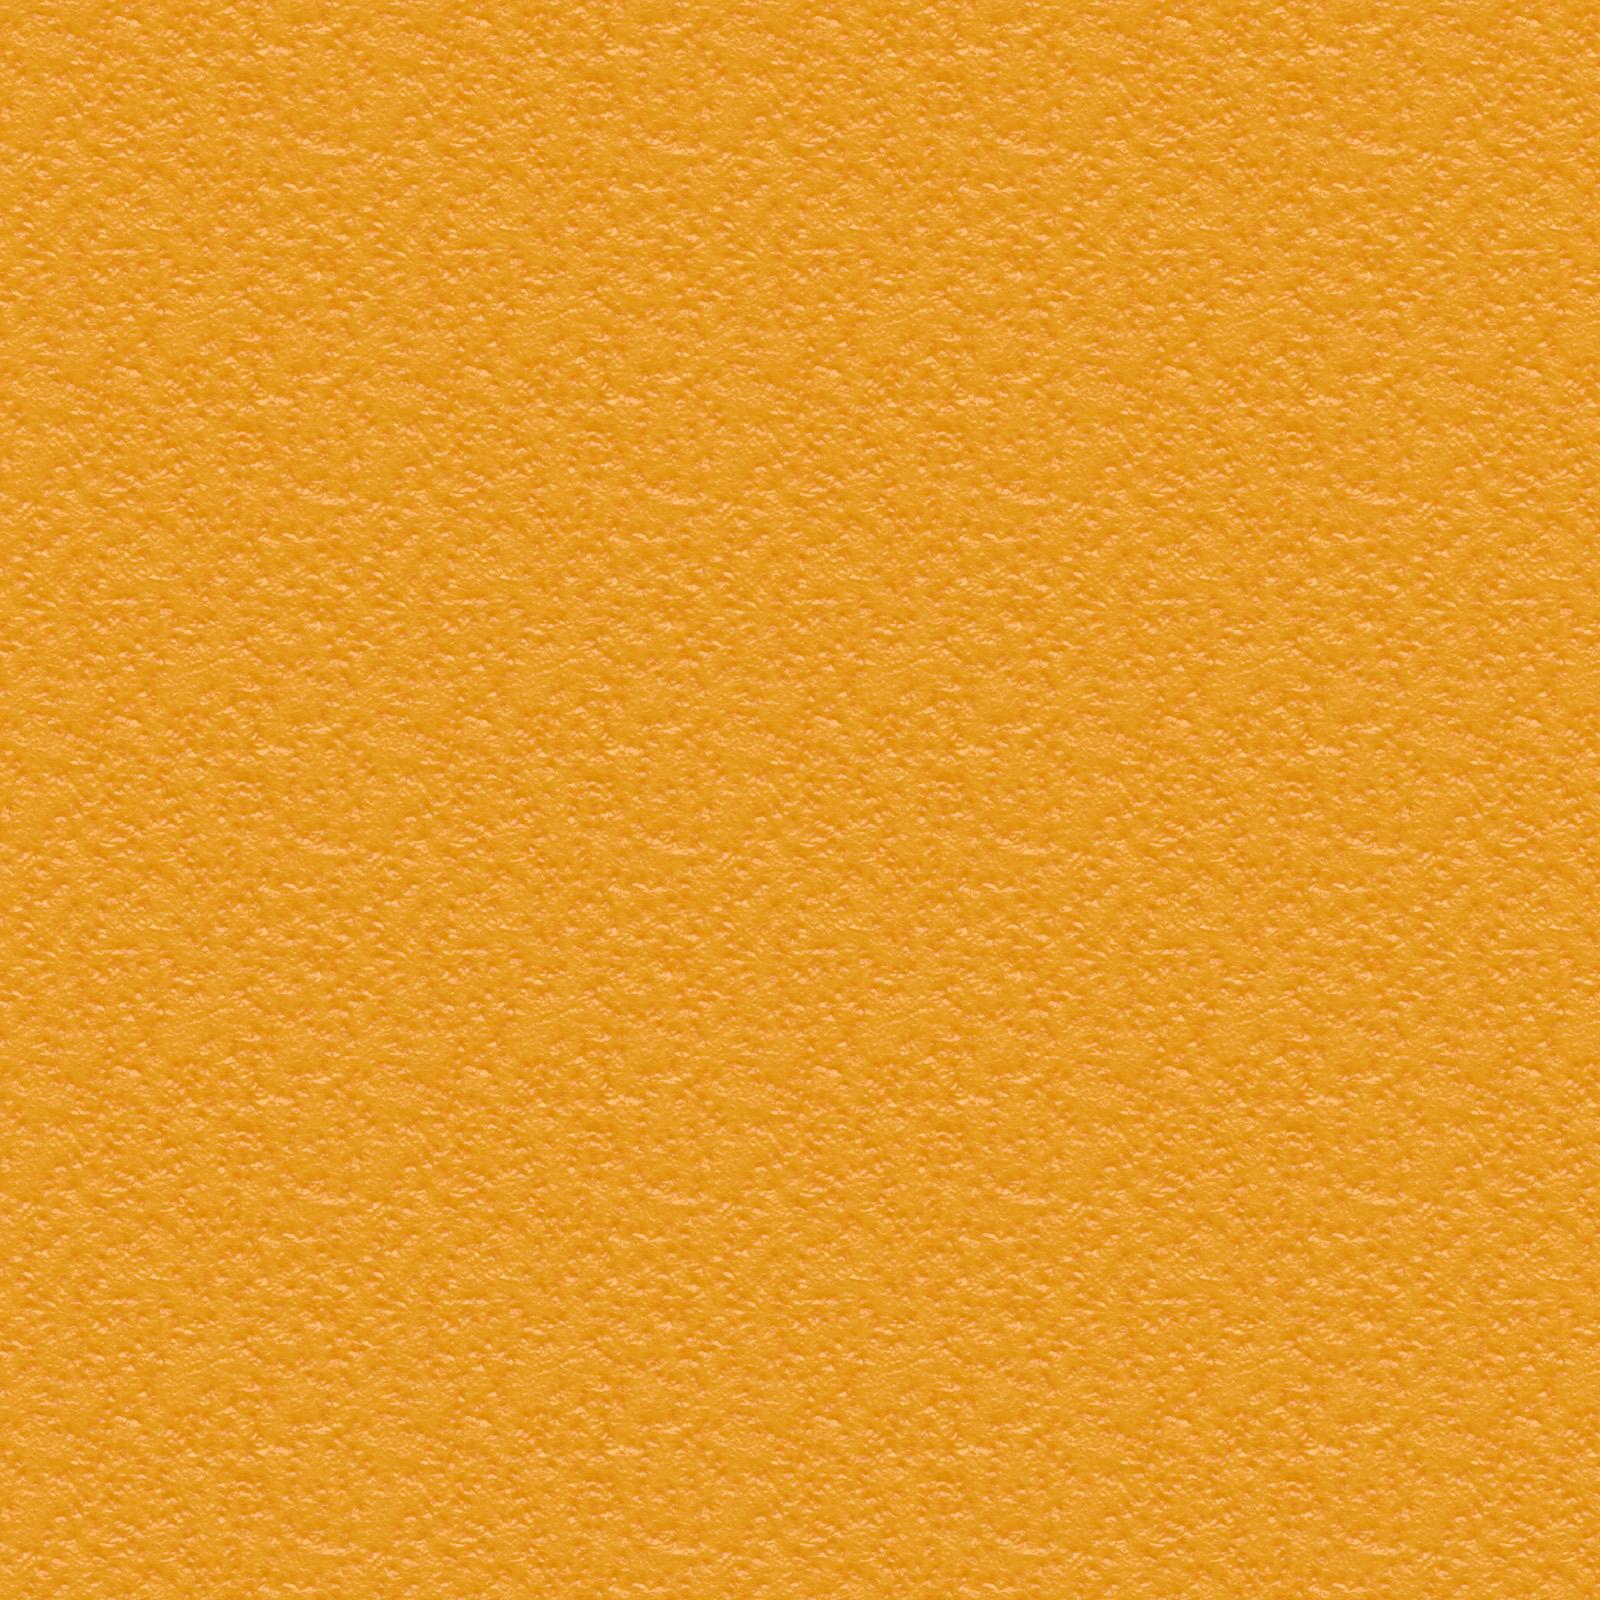 ... 2013 2015 dabbex30 orange skin 1600x1600 cg textures no comments have: dabbex30.deviantart.com/art/Orange-Skin-351788875